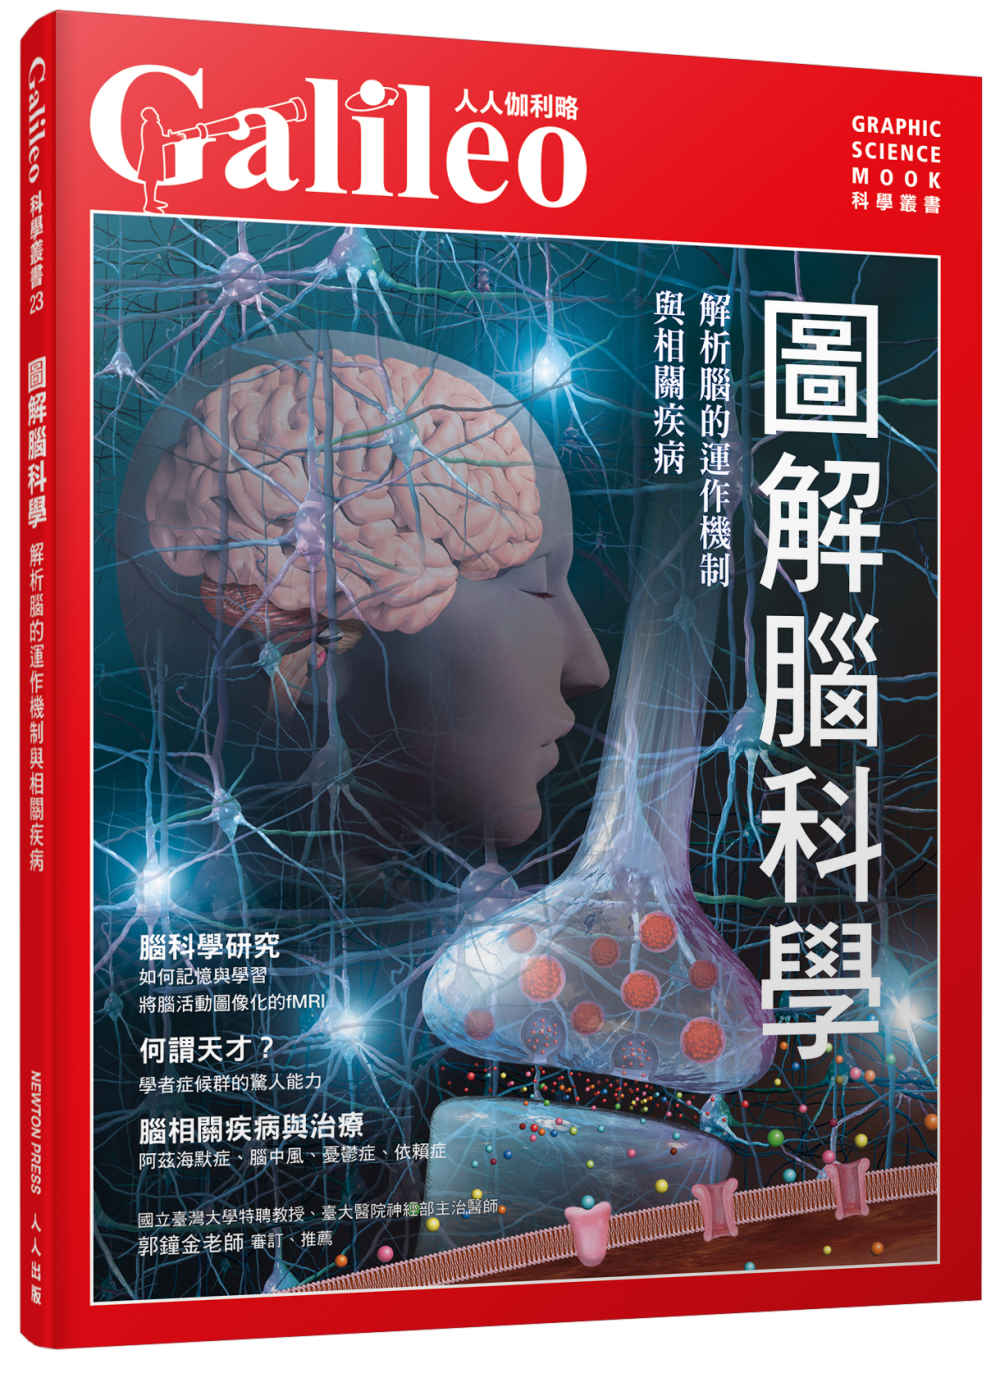 圖解腦科學:解析腦的運作機制與相關疾病  人人伽利略23